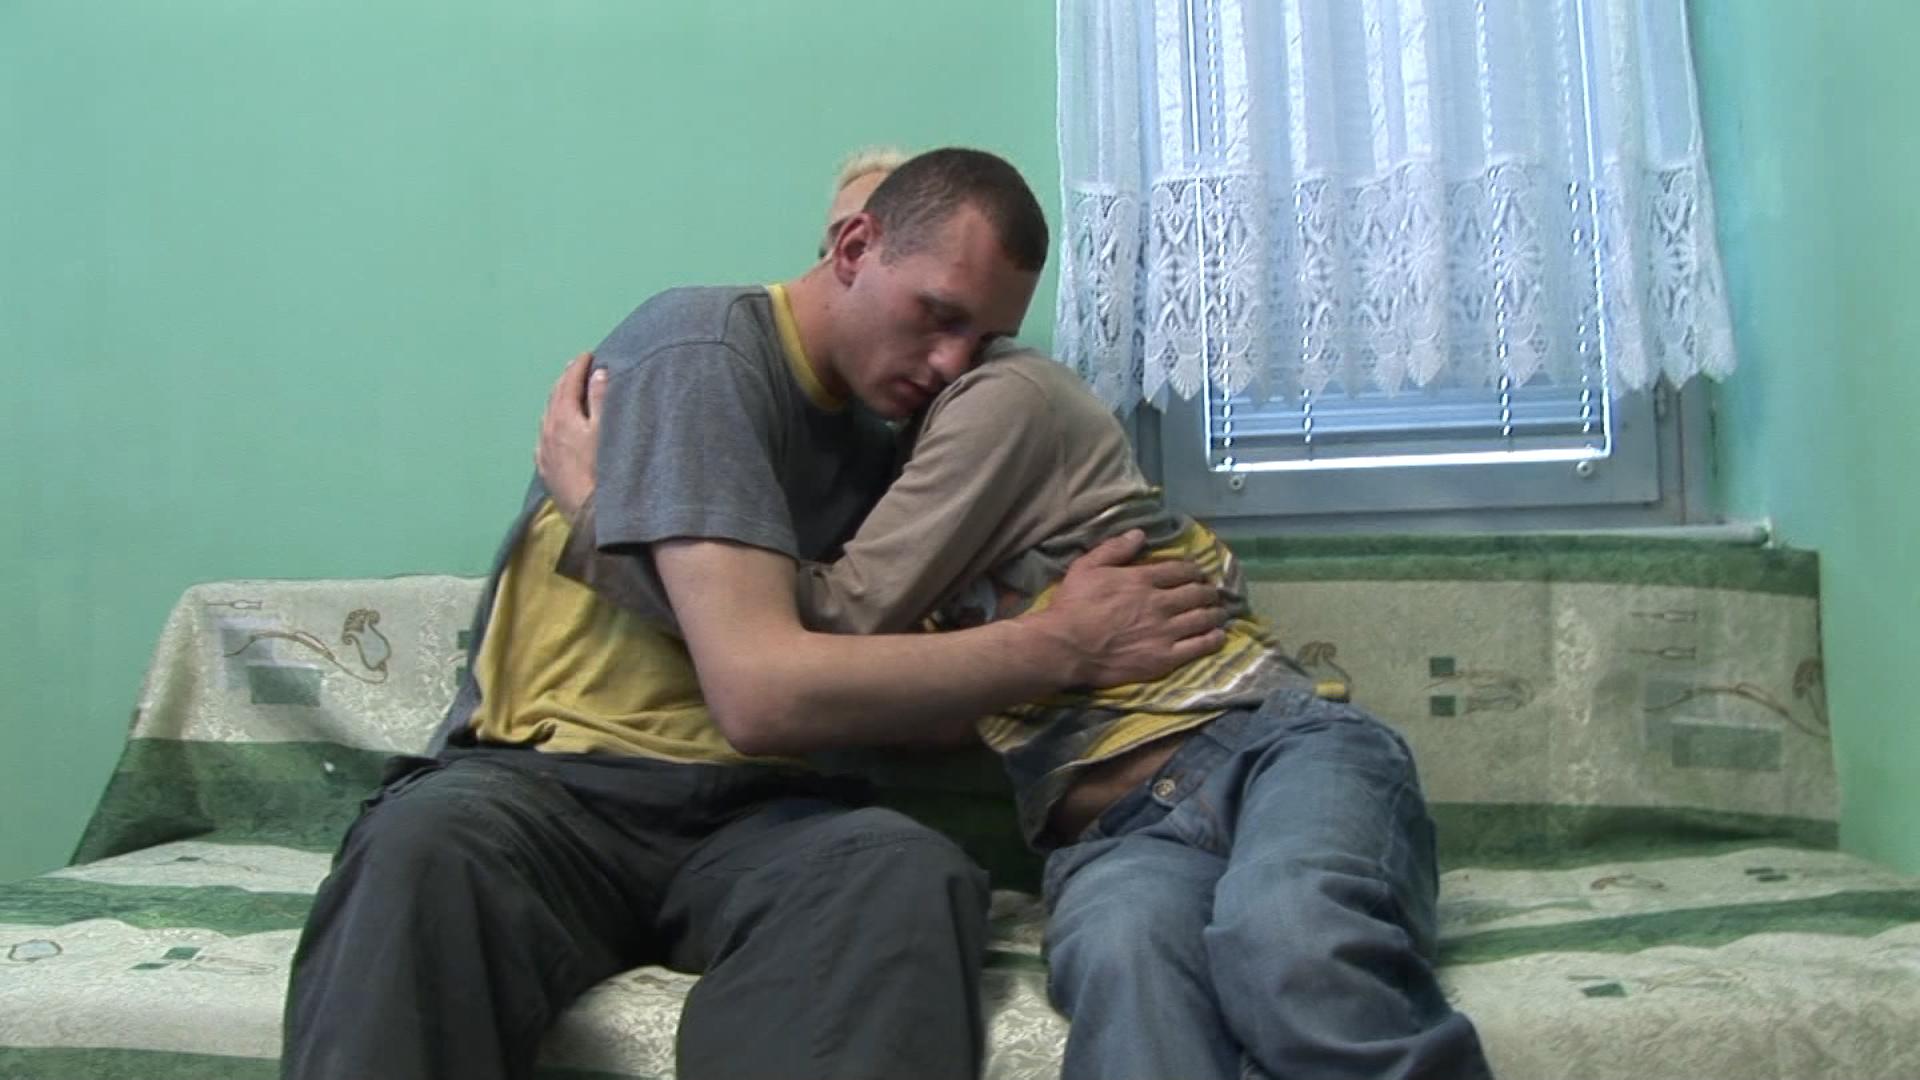 Sasa and Vlado